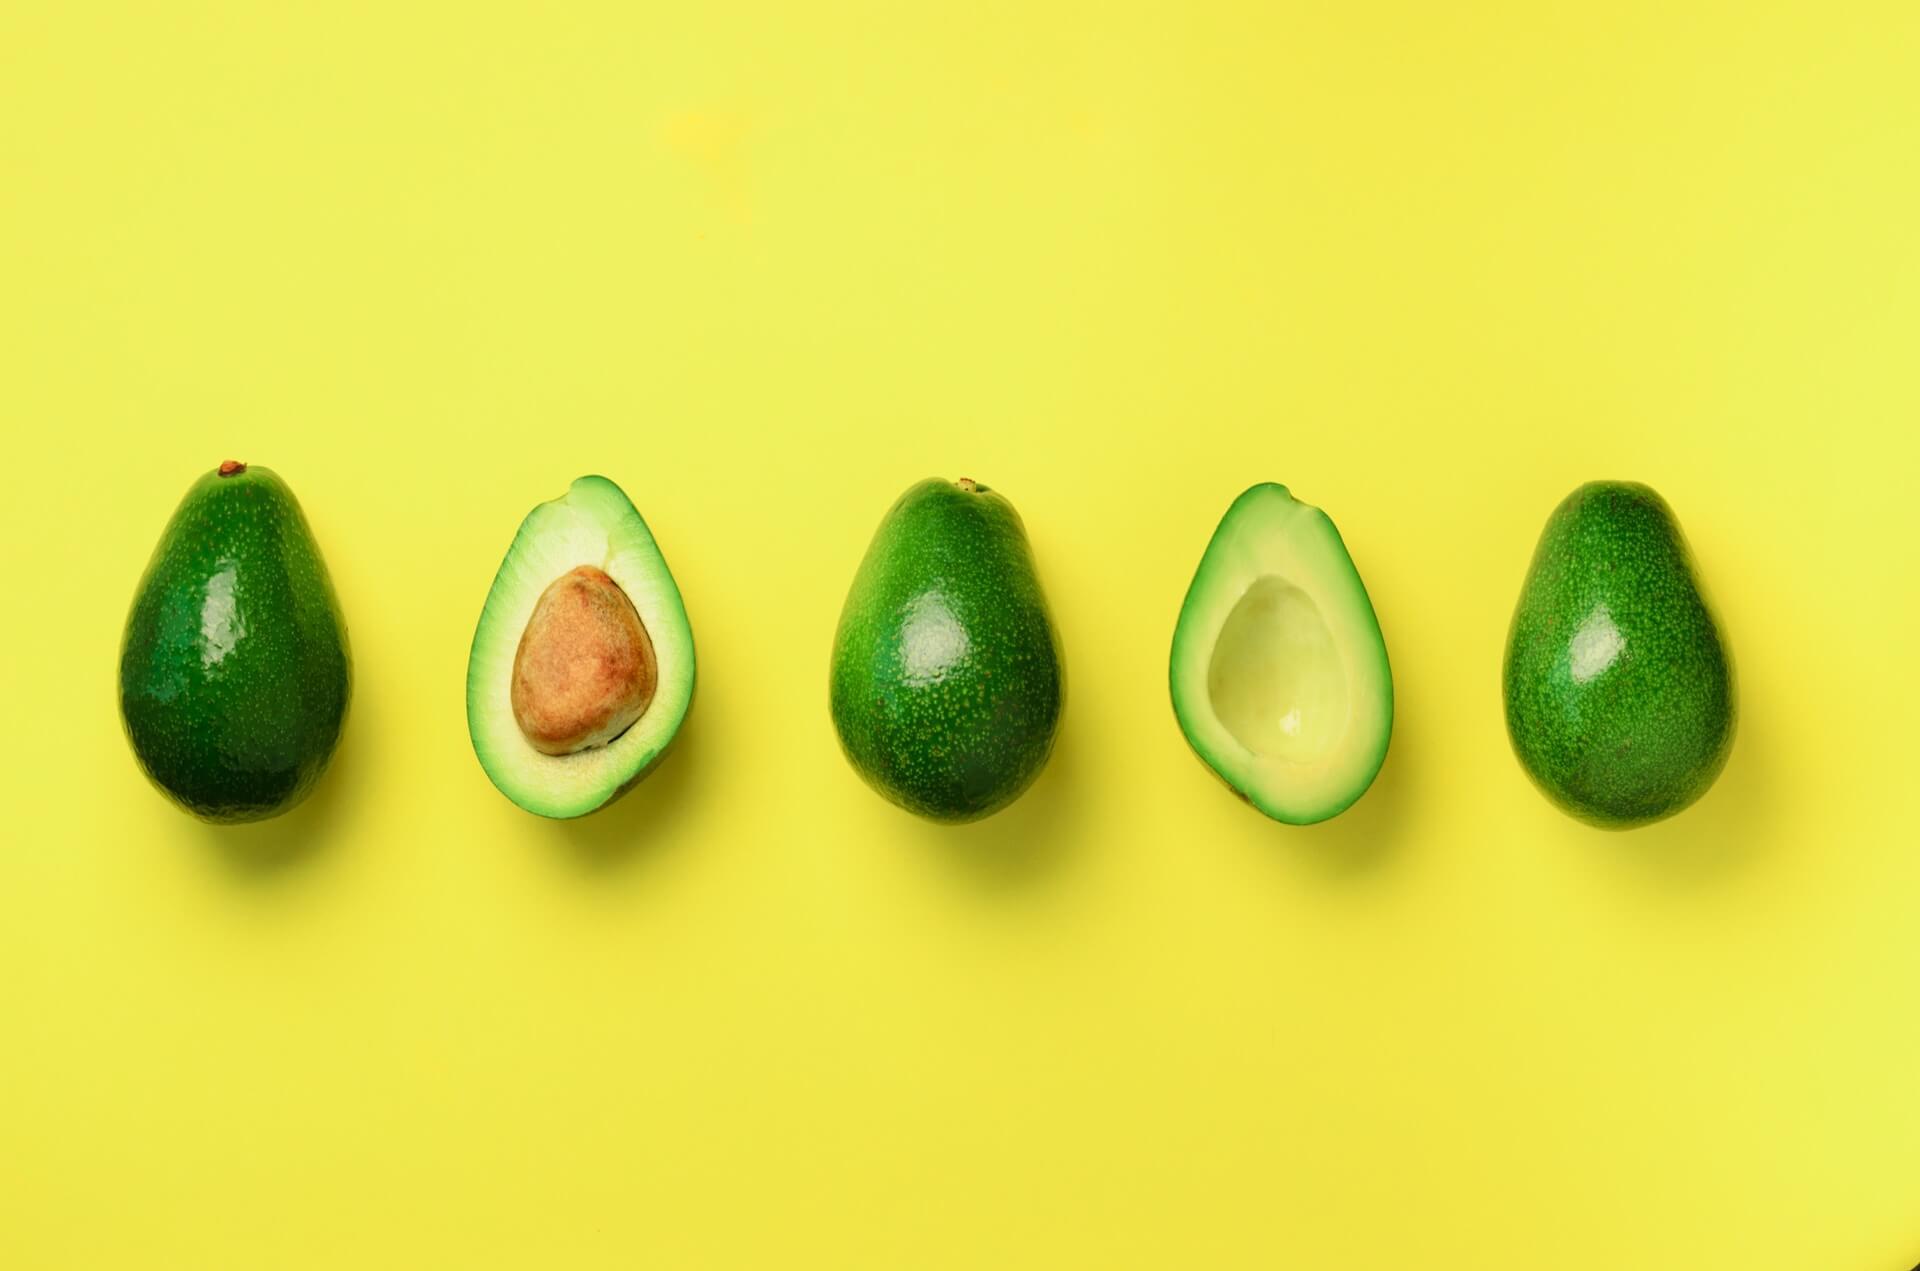 Белковая еда. список продуктов, таблица для похудения, набора веса, наращивания мышц, для беременных, вегетарианцев